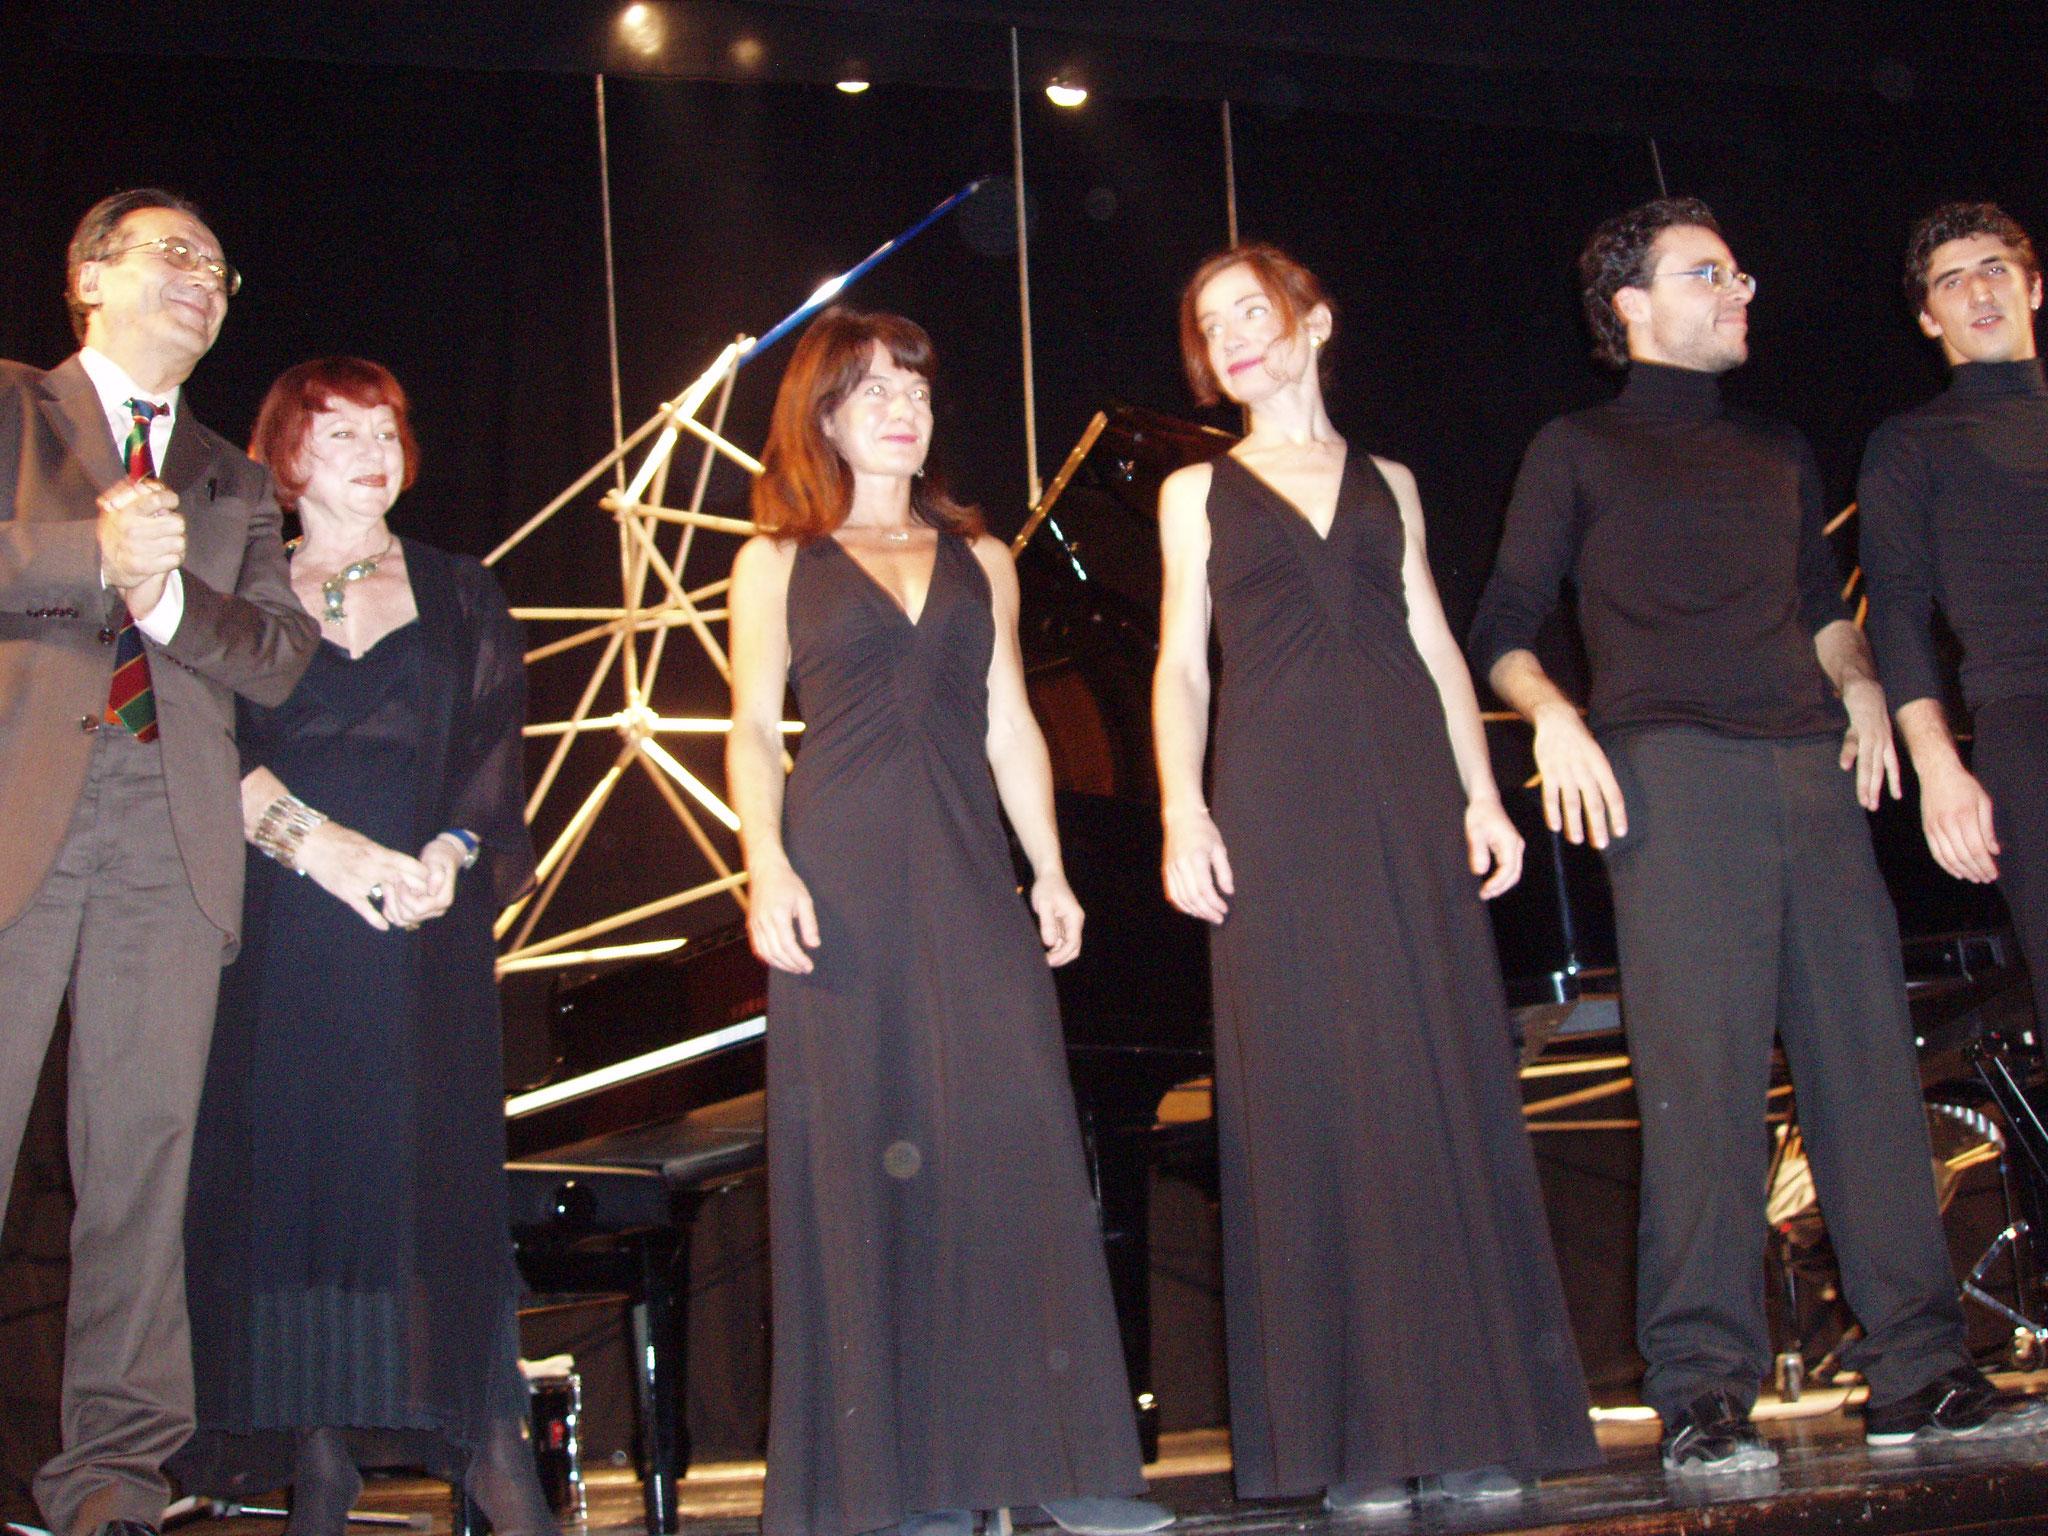 Miracoli del Mercato dei pesci a Mazara del Vallo con il duo pianistico Brunialti/Biondi e il duo percussioni Errera/Cavaliere il 10 novembre 2006